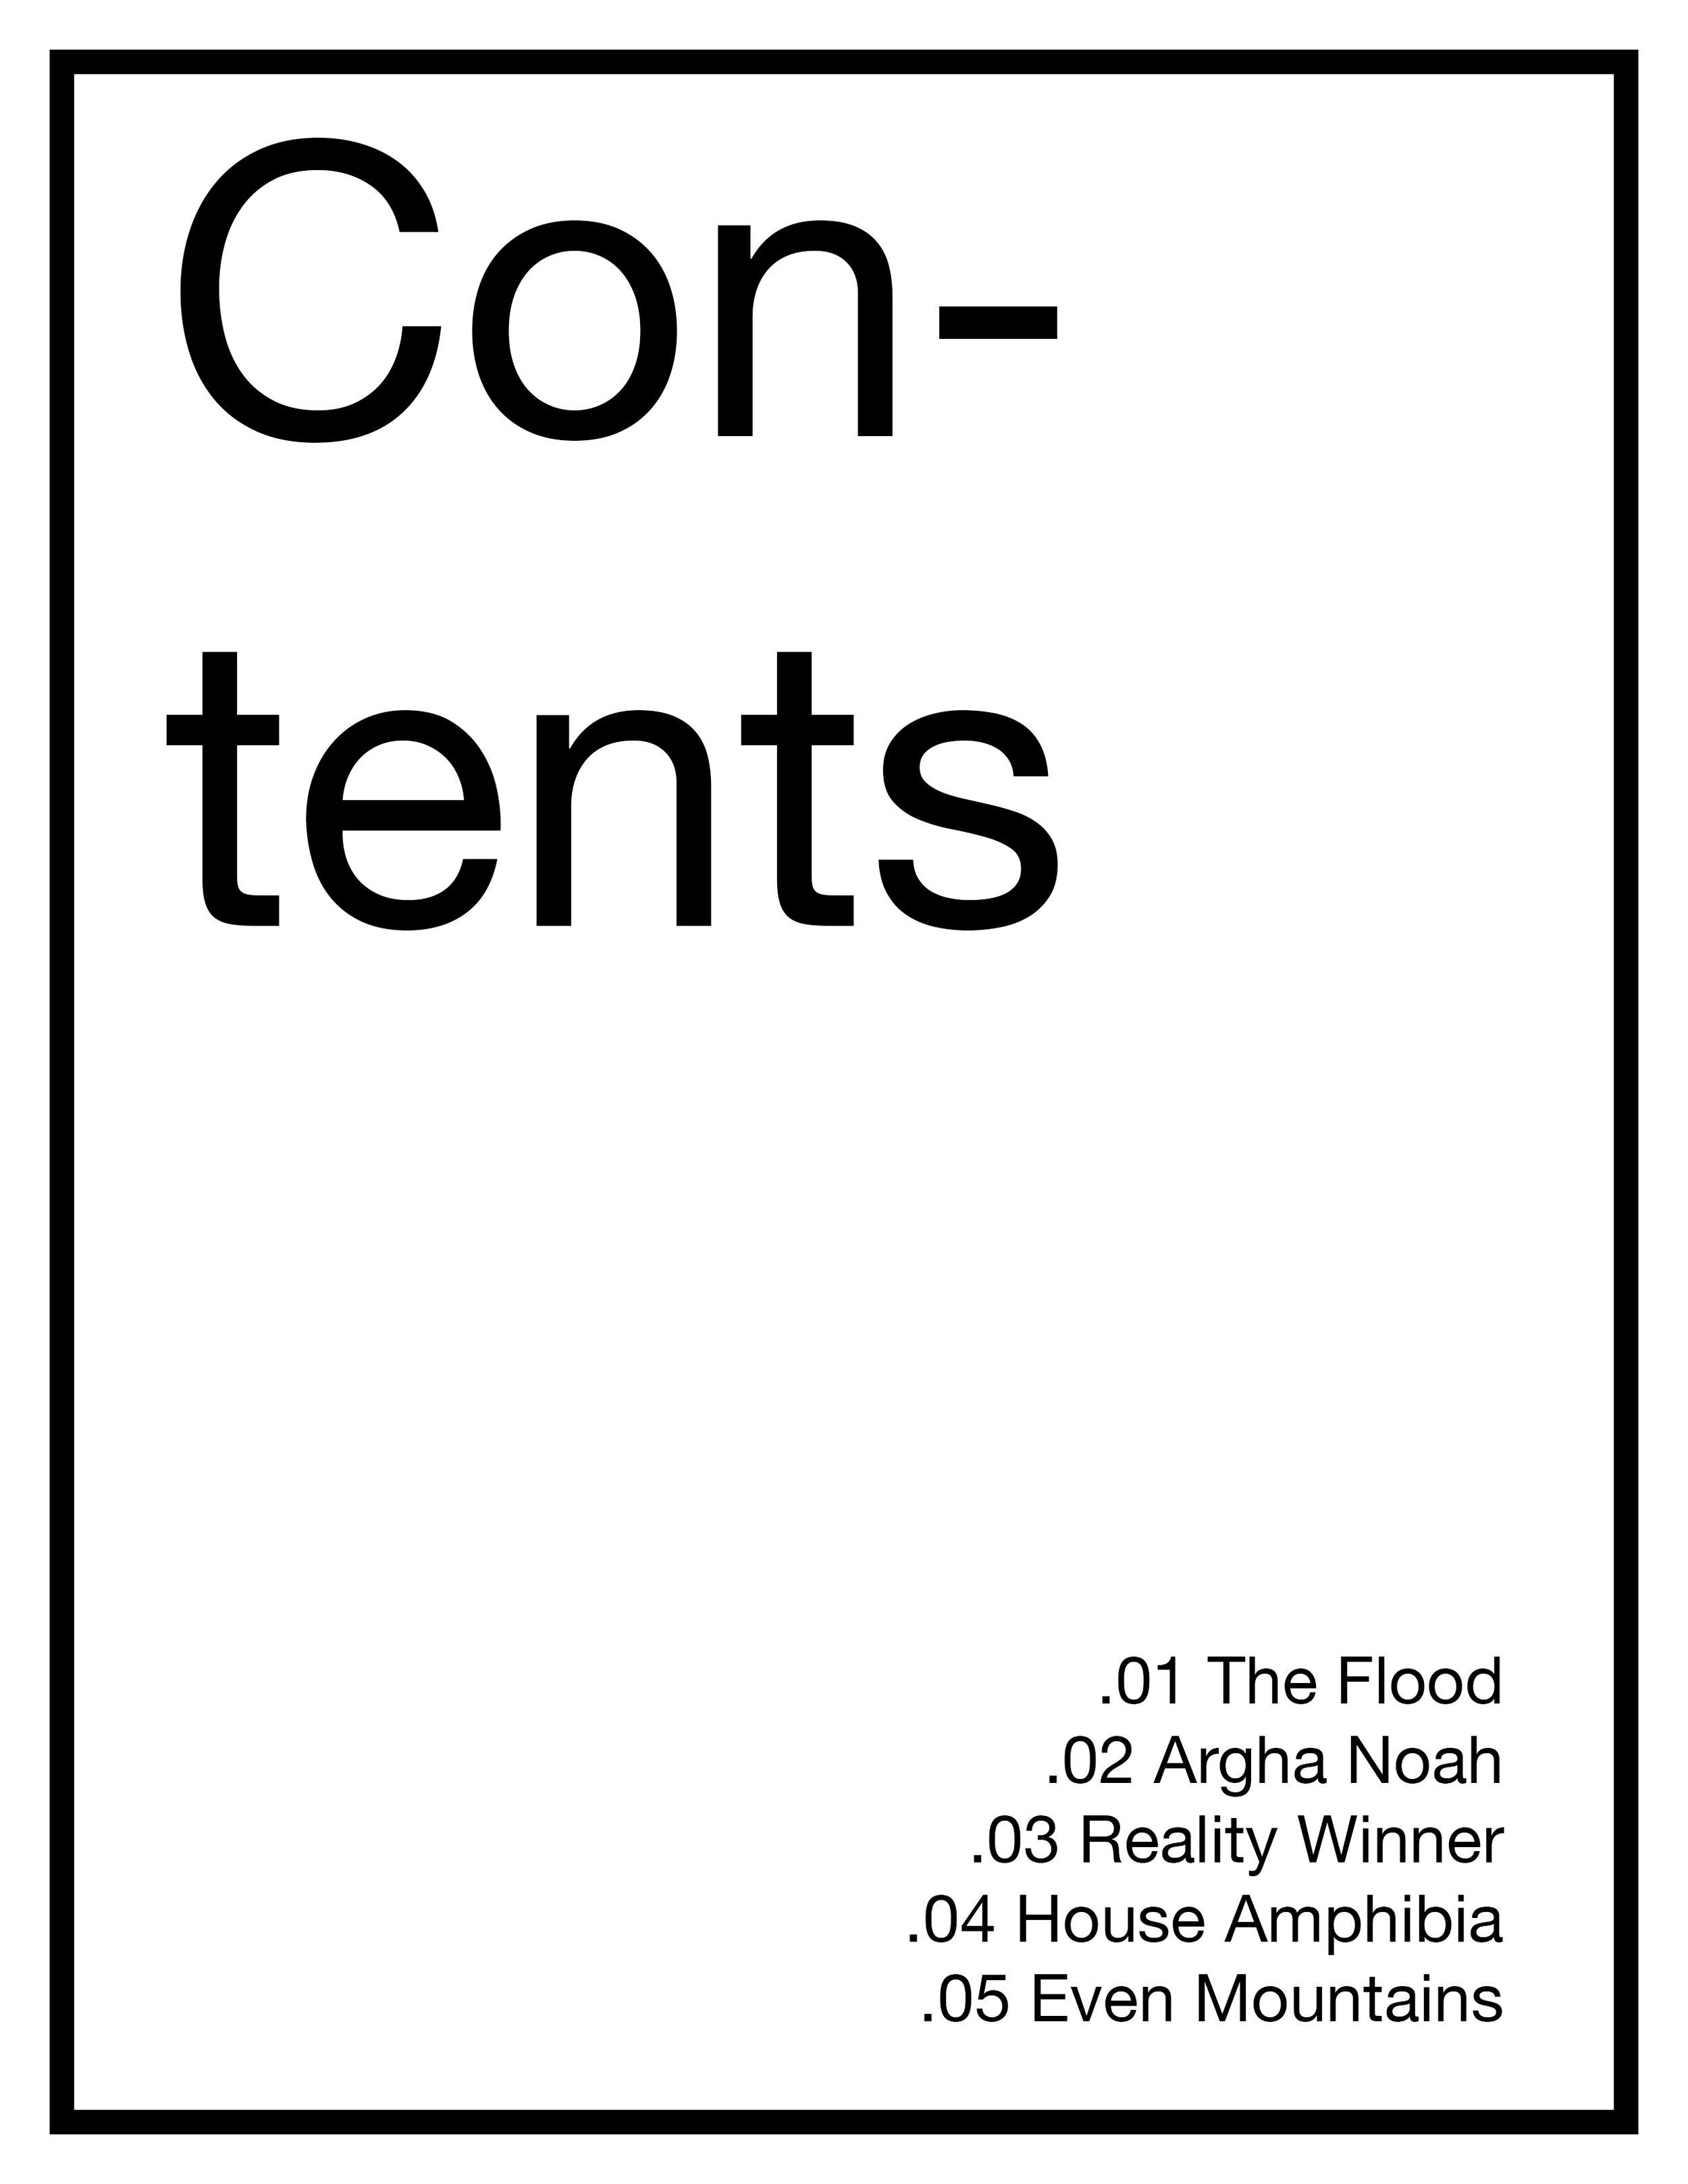 001 contents.jpg